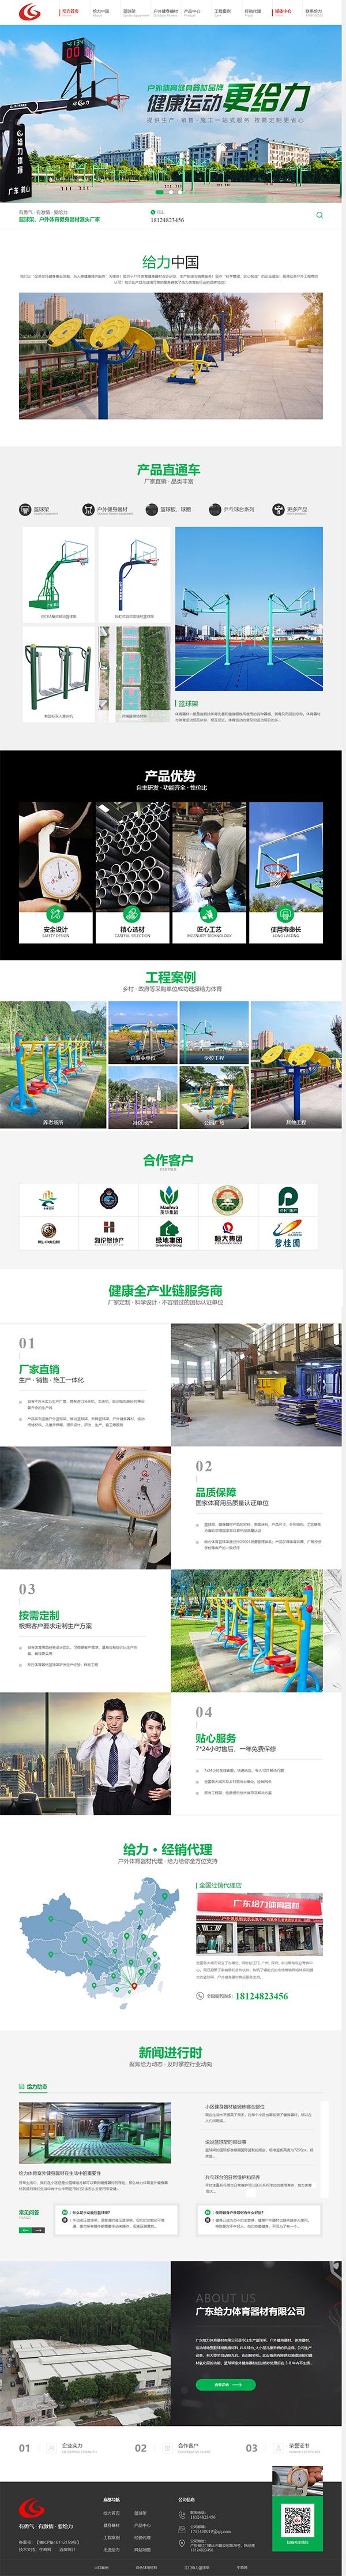 给力体育器材-龙8国际龙88型龙8国际官网首页首页